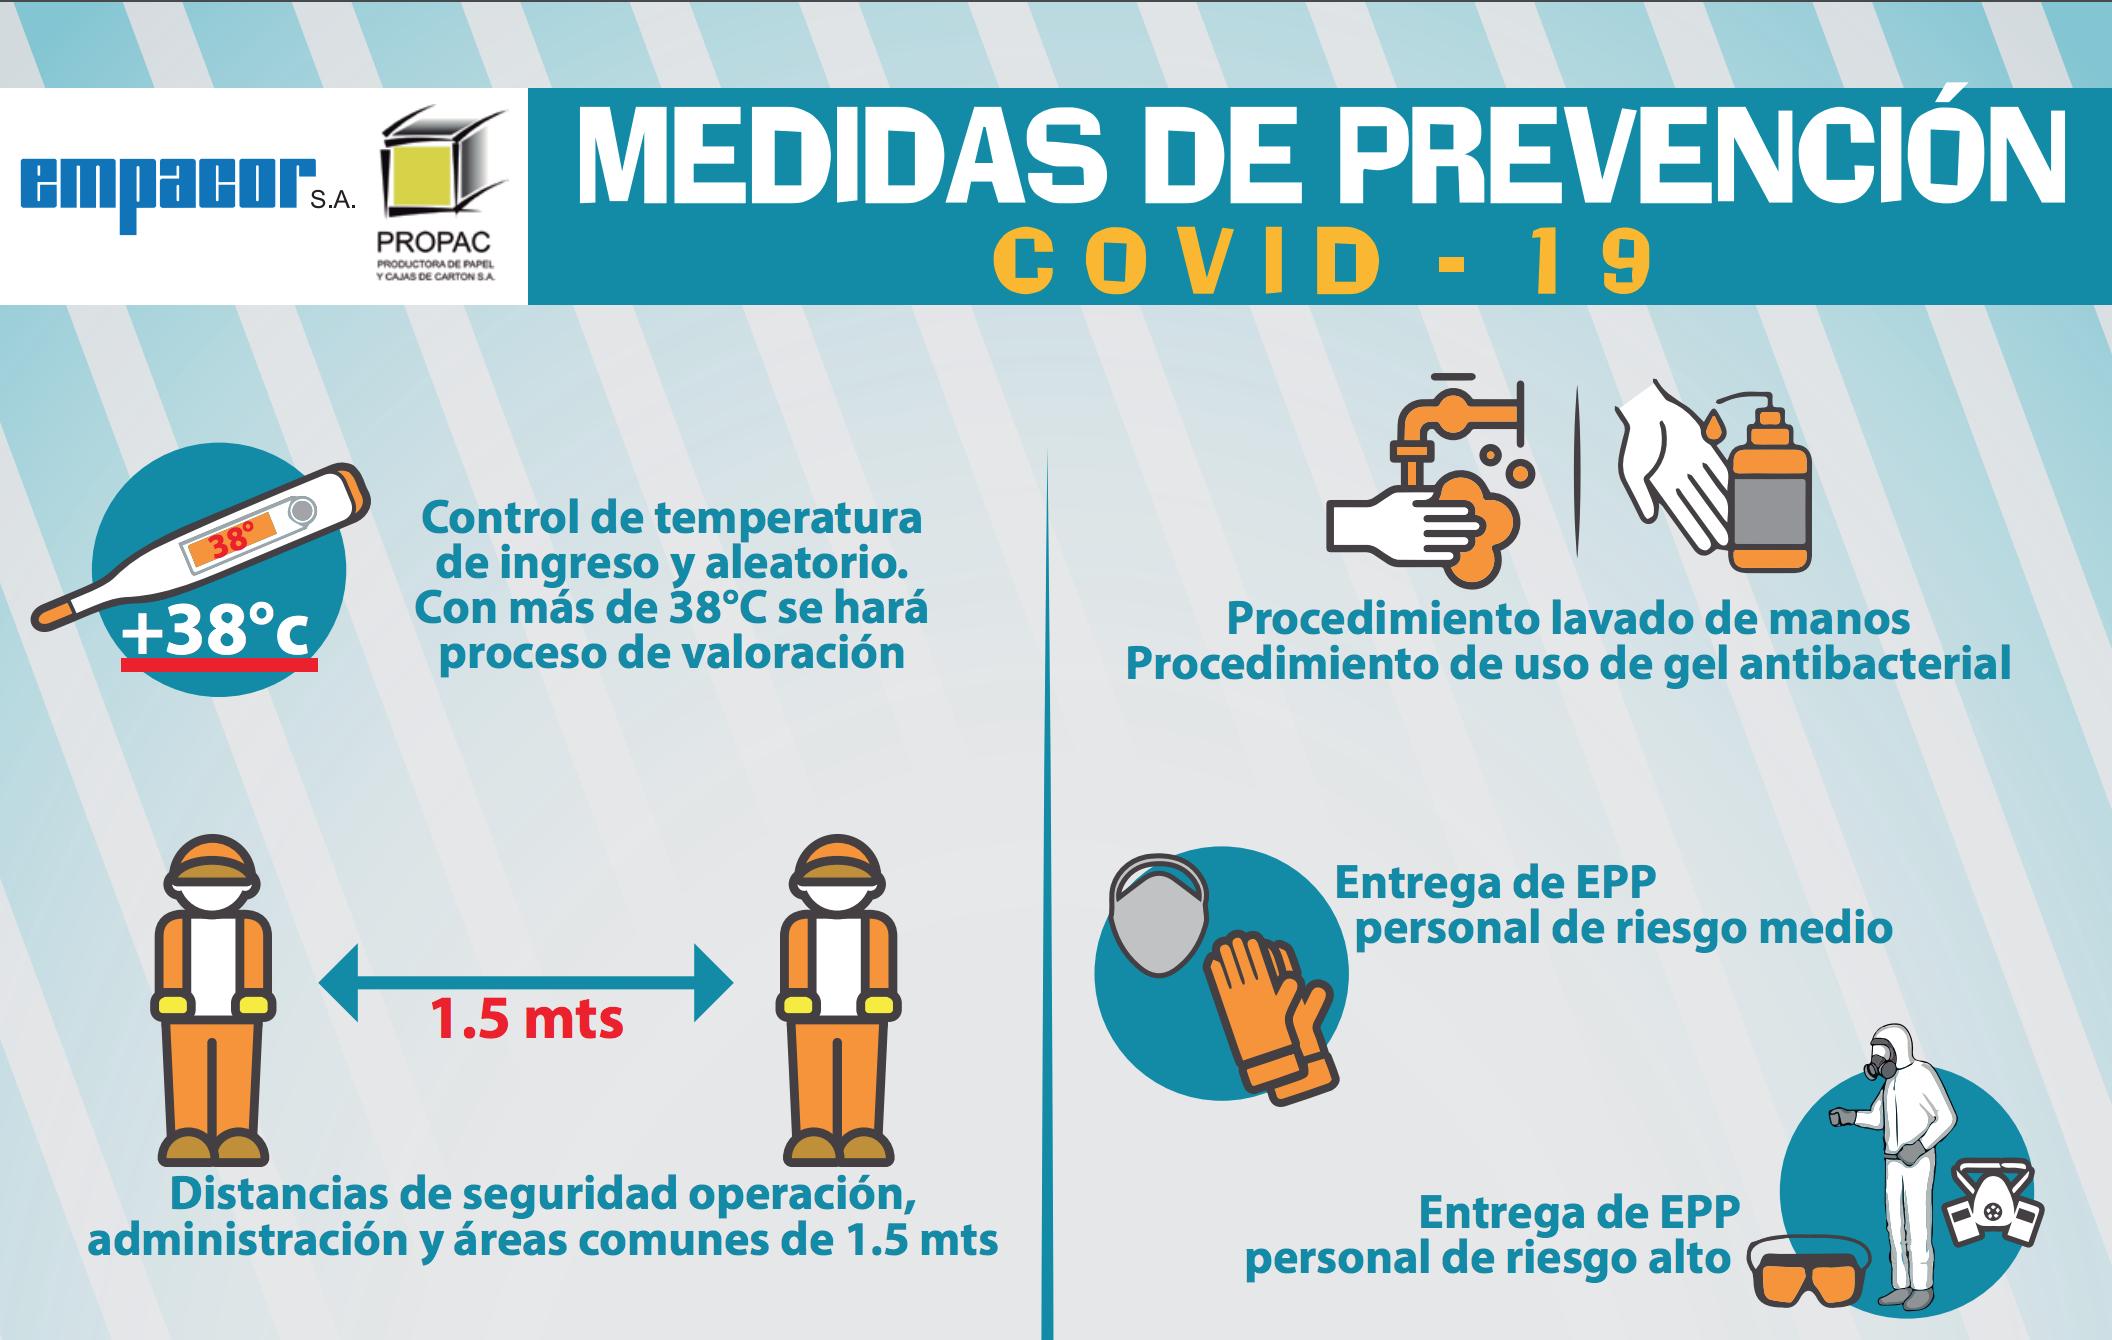 Medidas de prevención y contención para el COVID-19